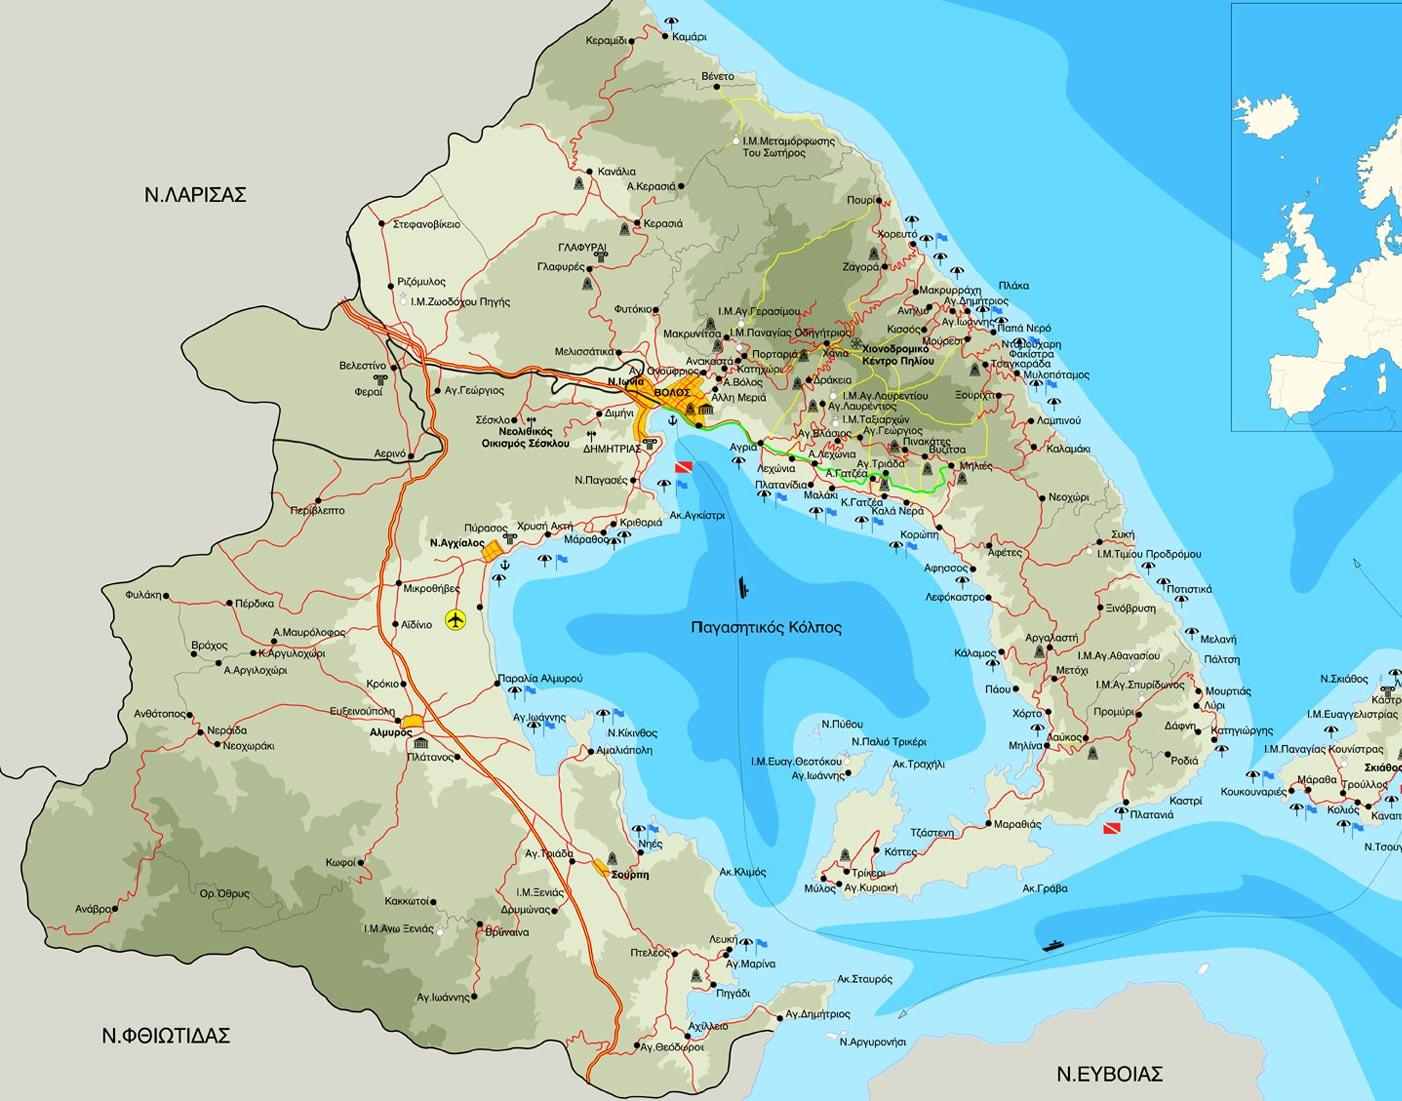 Χάρτης Πηλίου και Μαγνησίας 850a7693075